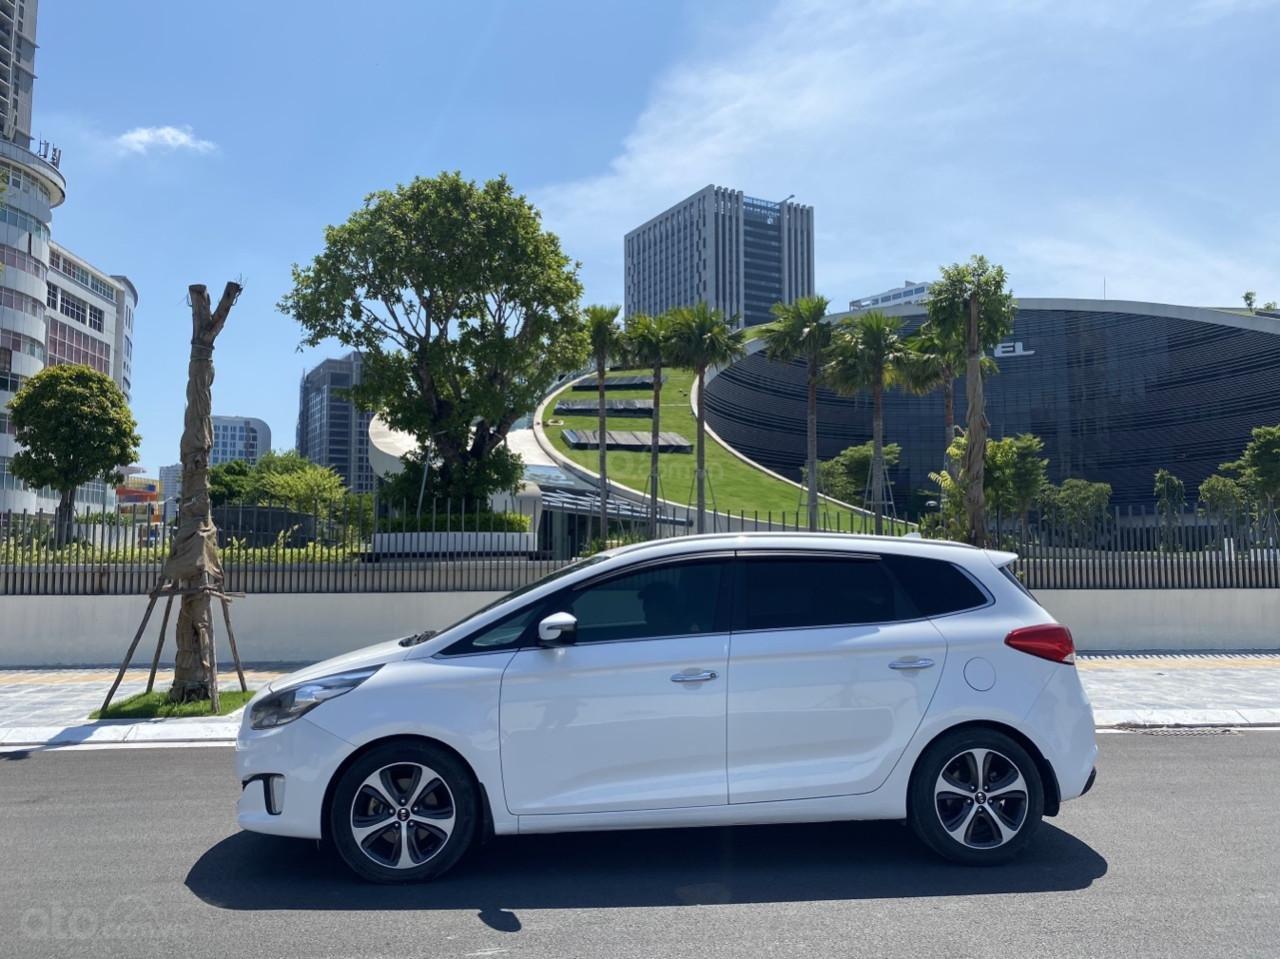 Cần bán xe  Kia Rondo SX 2016, màu trắng, nội thất đen, máy dầu (4)